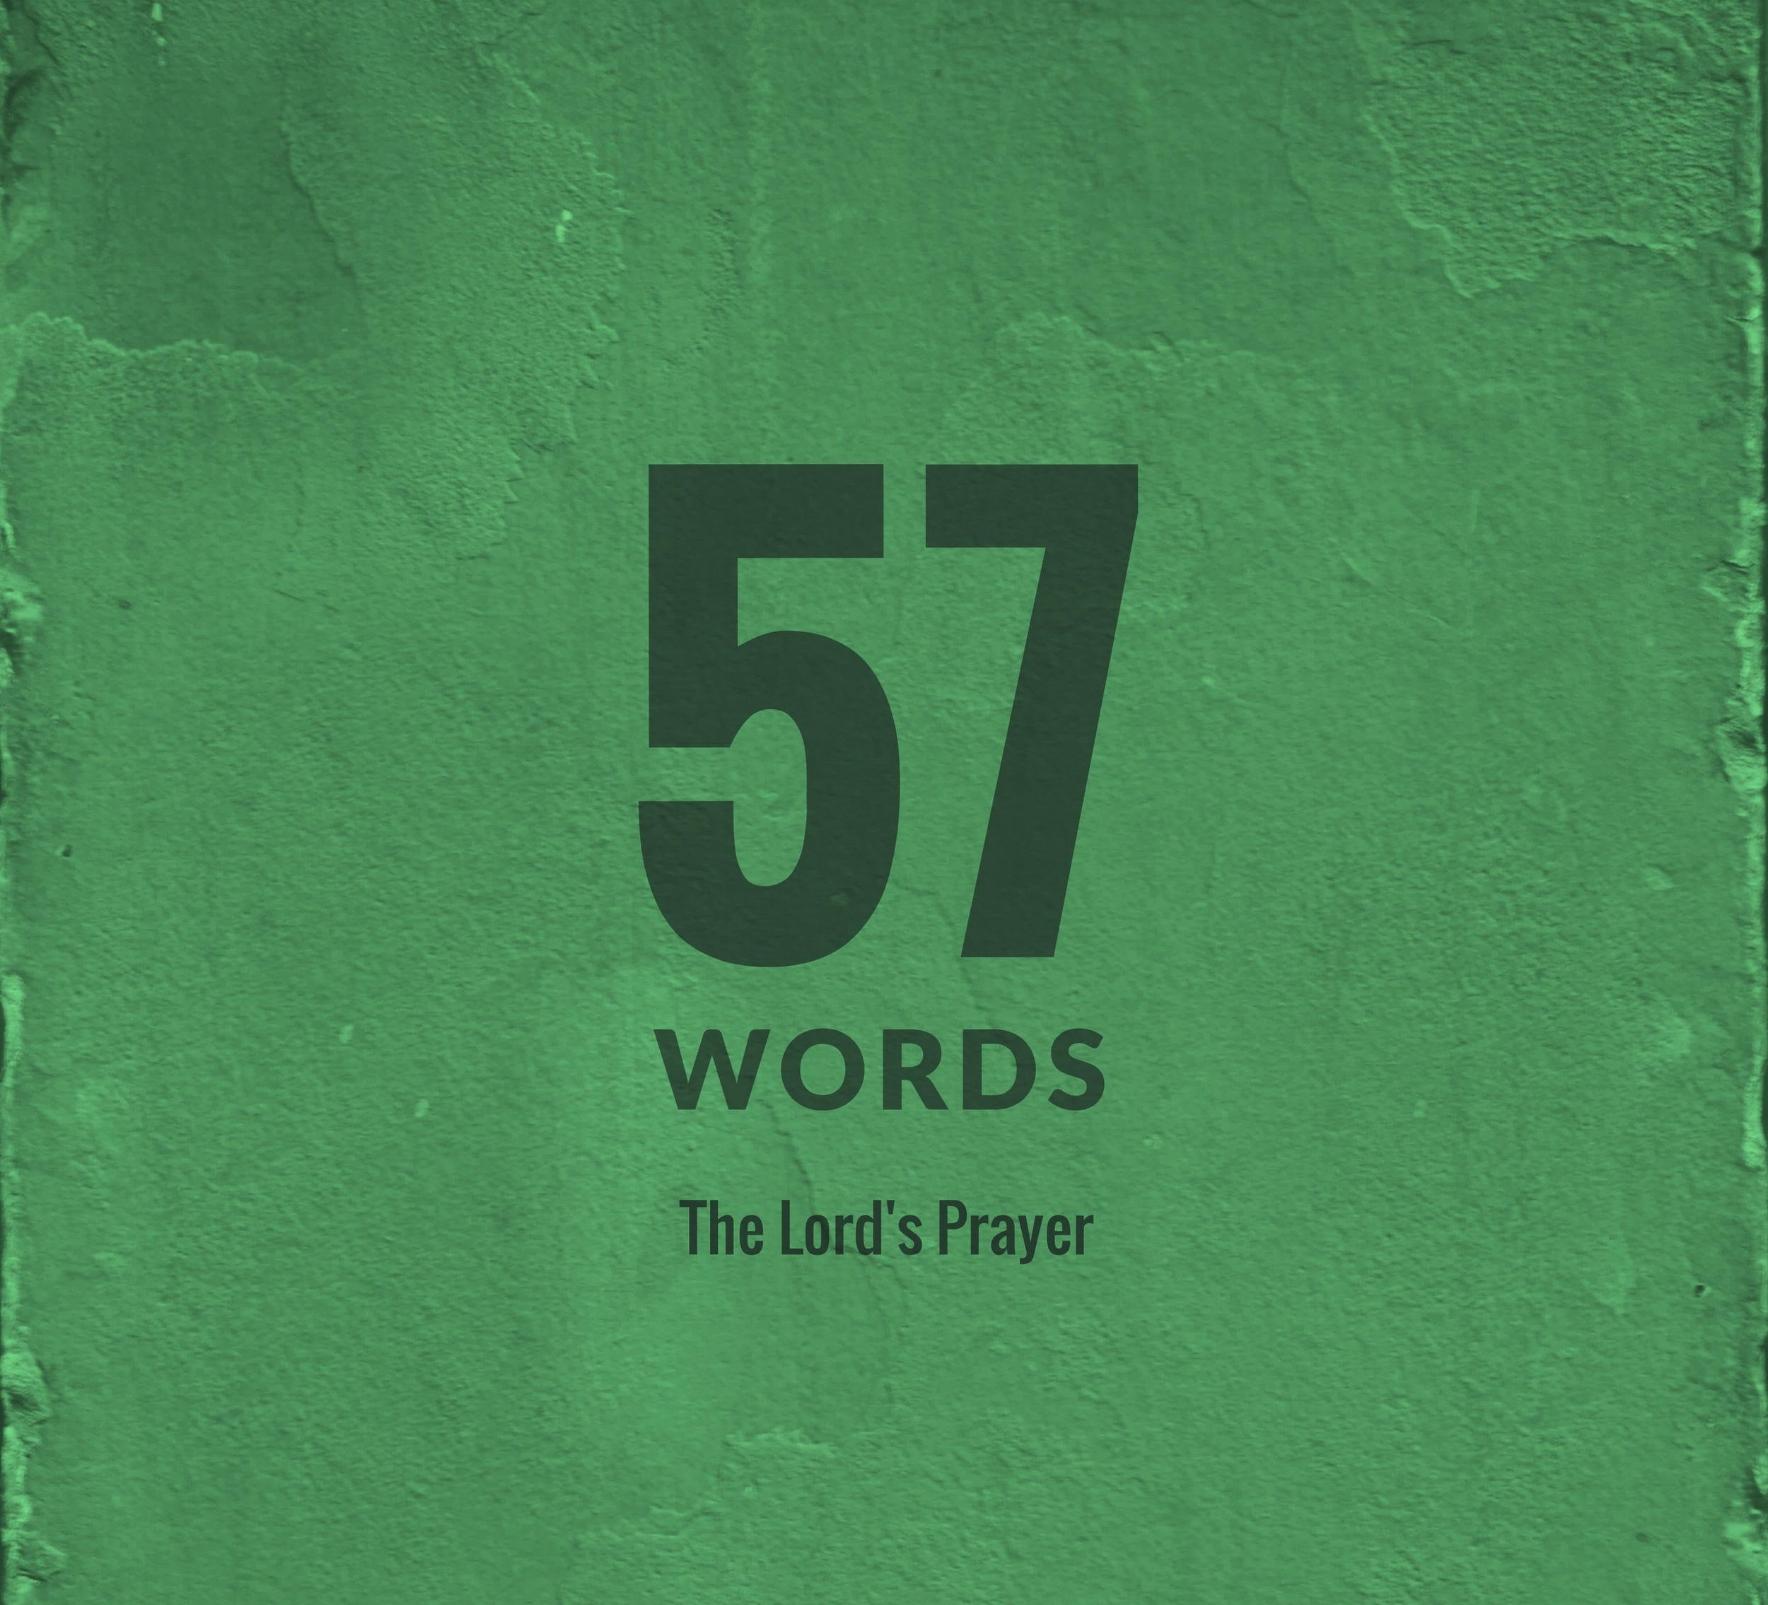 57words.jpg